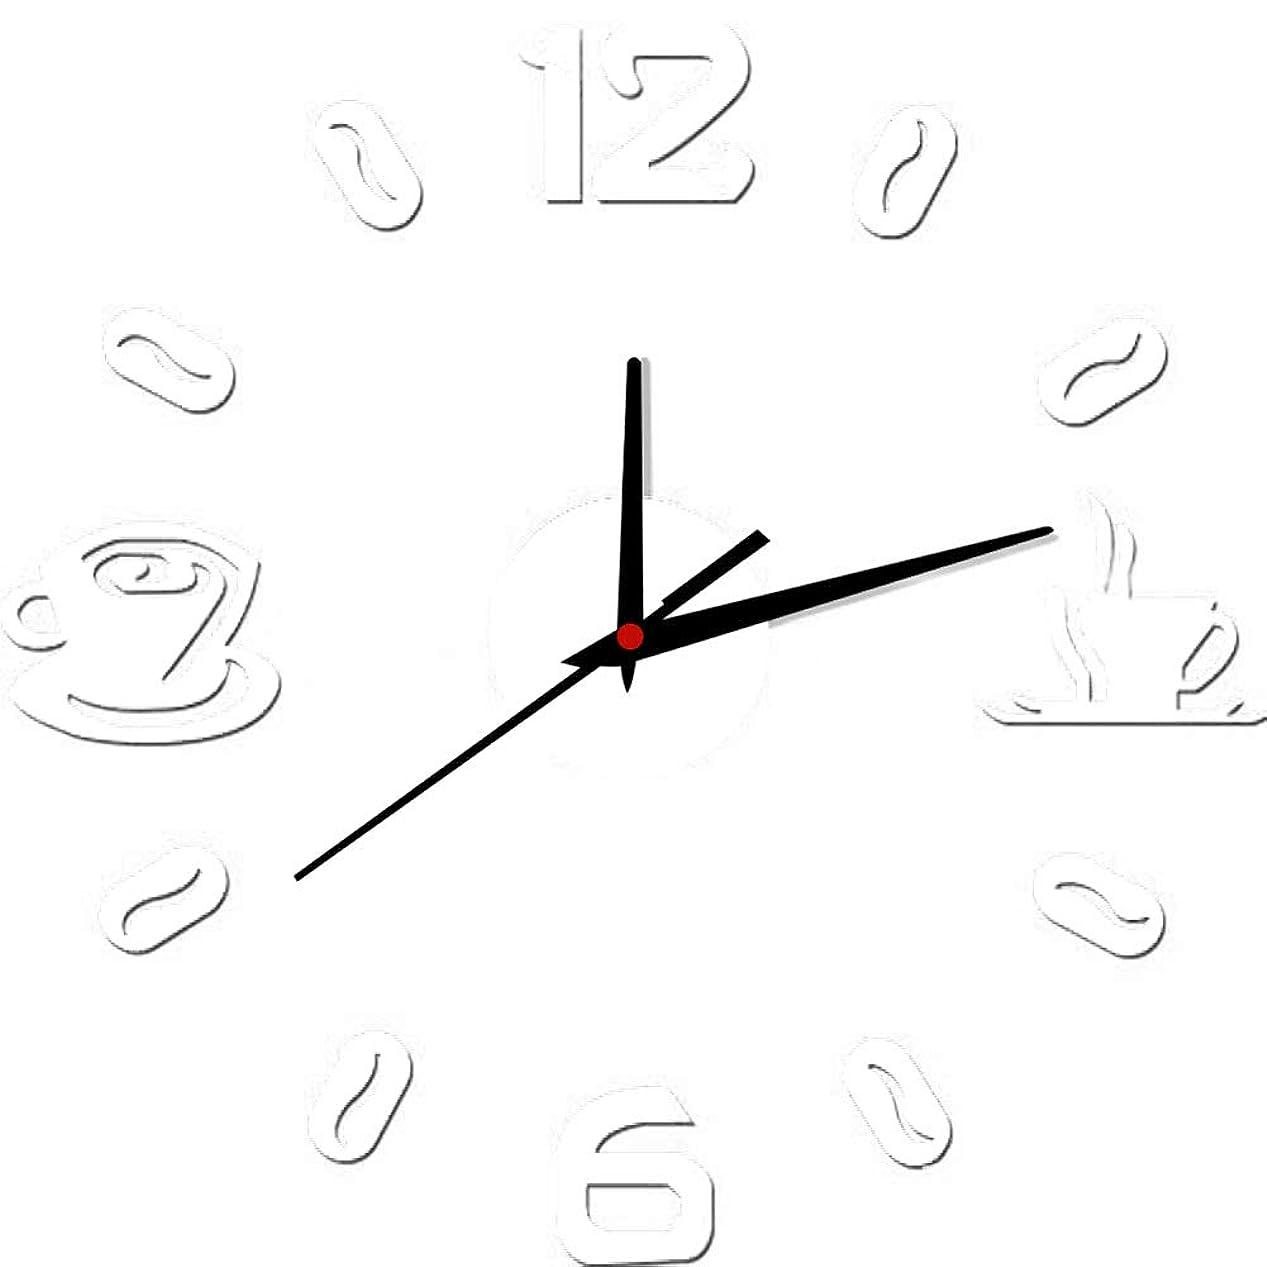 団結せせらぎ性能数値桁コーヒーカップクォーツミュート壁アート時計ステッカー家の装飾ギフト - シルバー